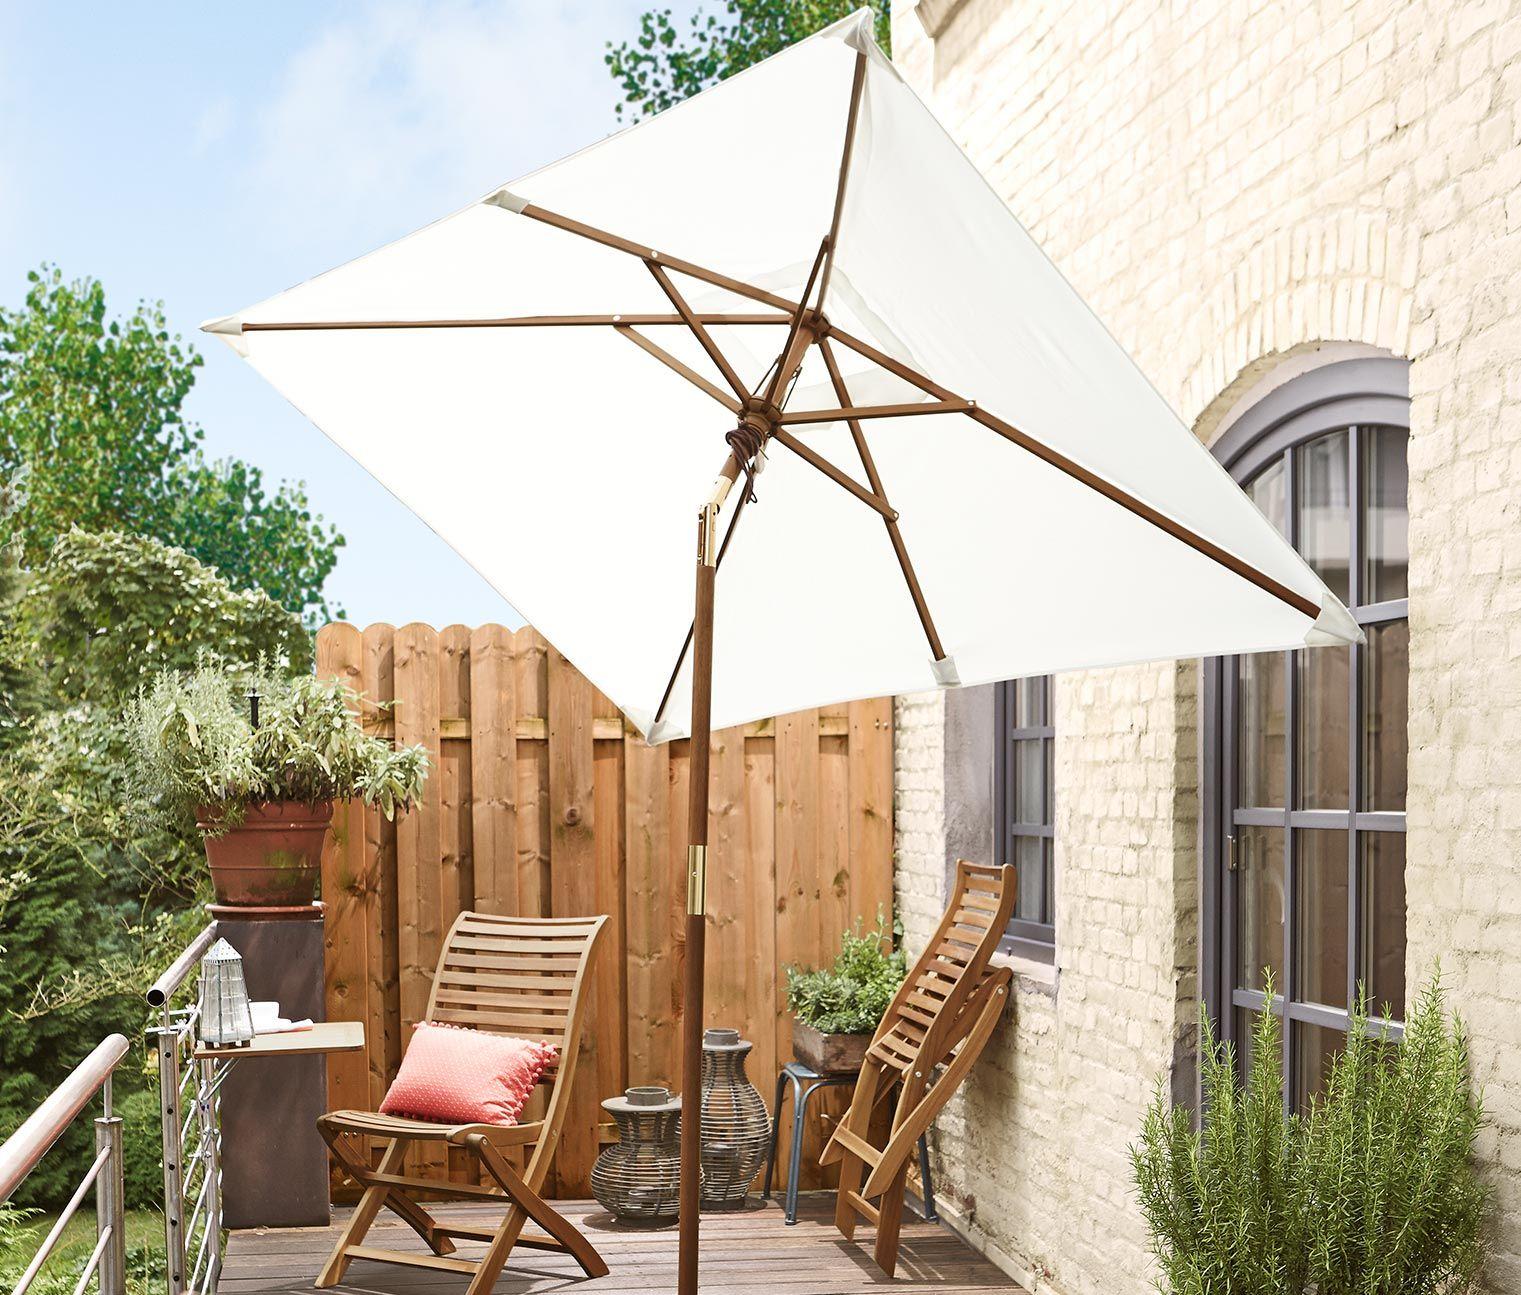 Kleiner Marktschirm Online Bestellen Bei Tchibo 312374 Mit Bildern Sonnenschirm Balkon Marktschirm Terrasse Dekor